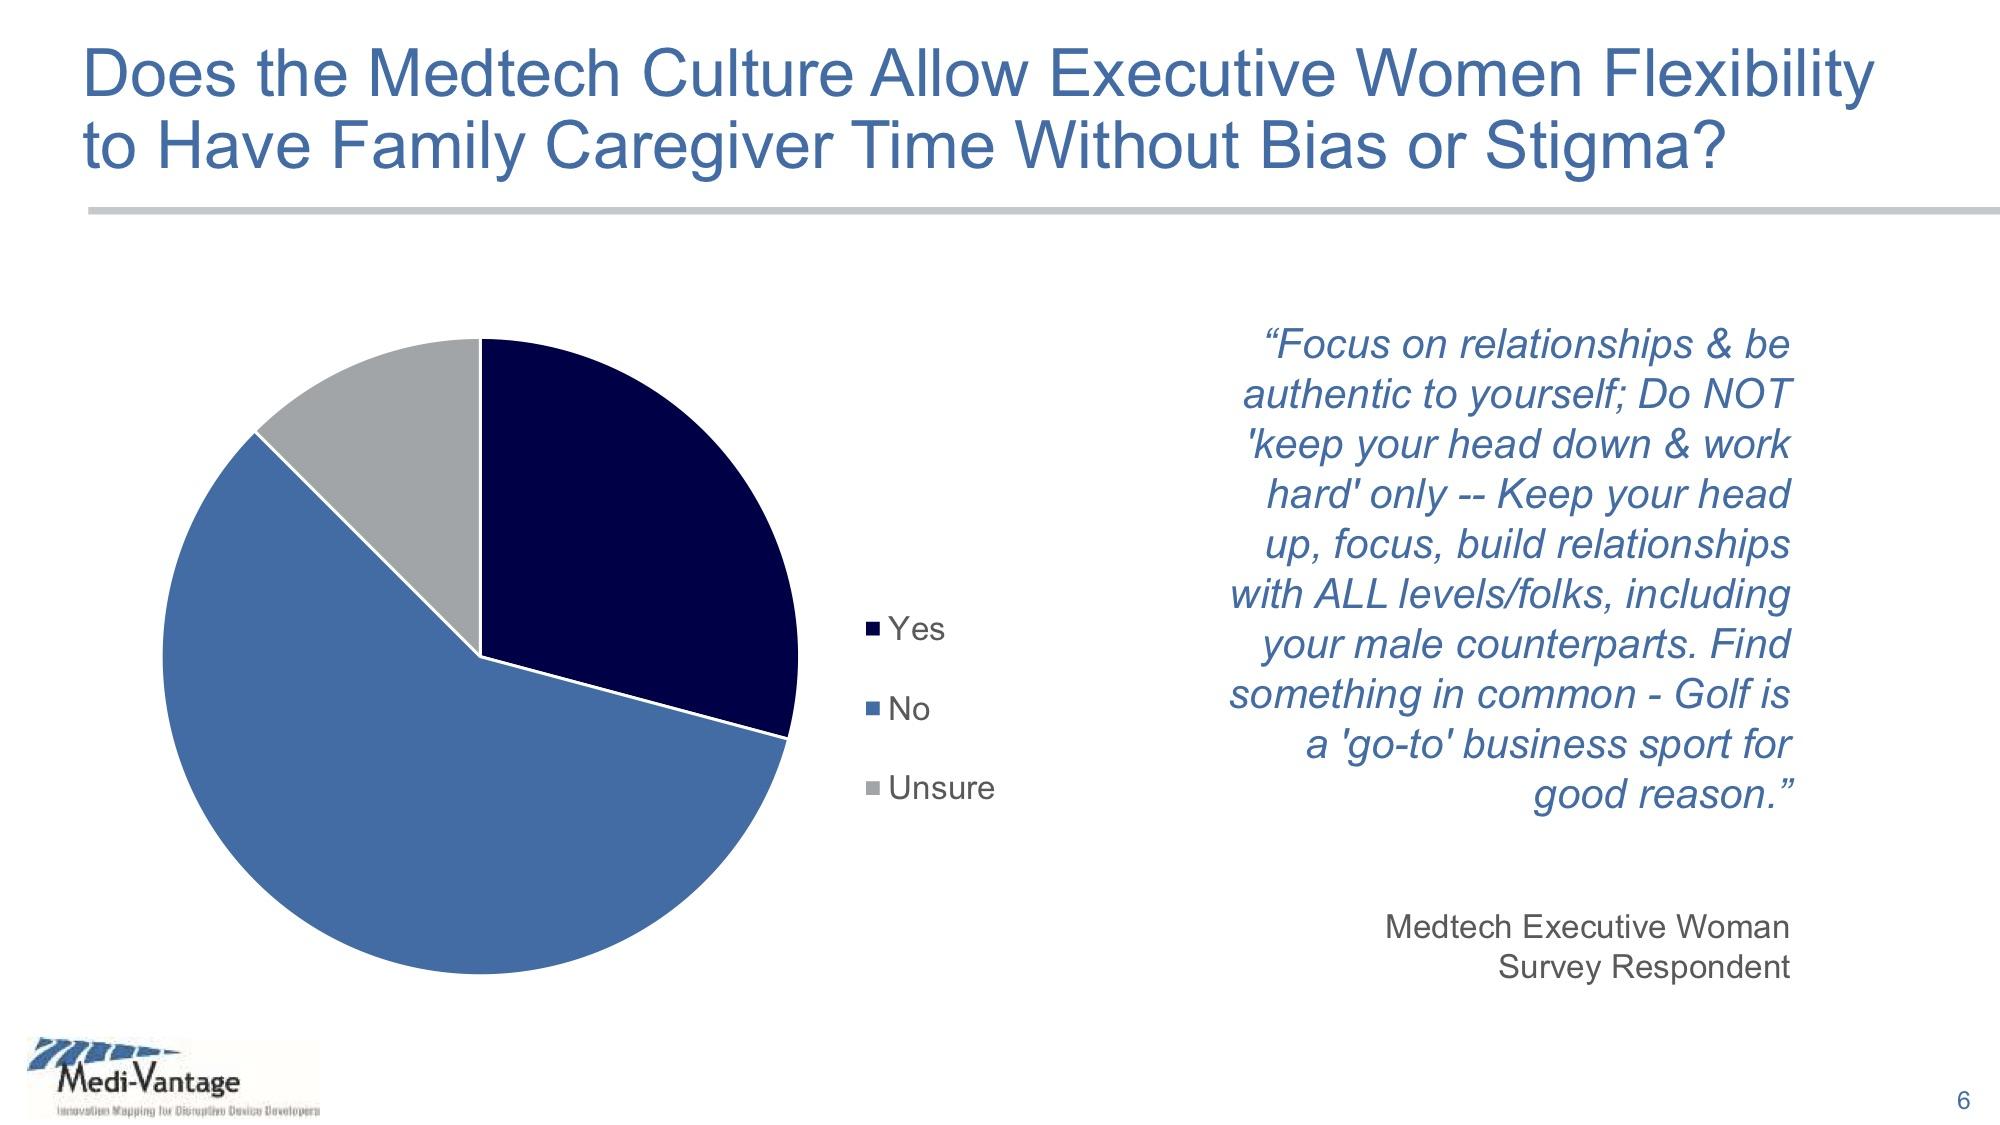 The glass ceiling for medtech exec women6.jpg